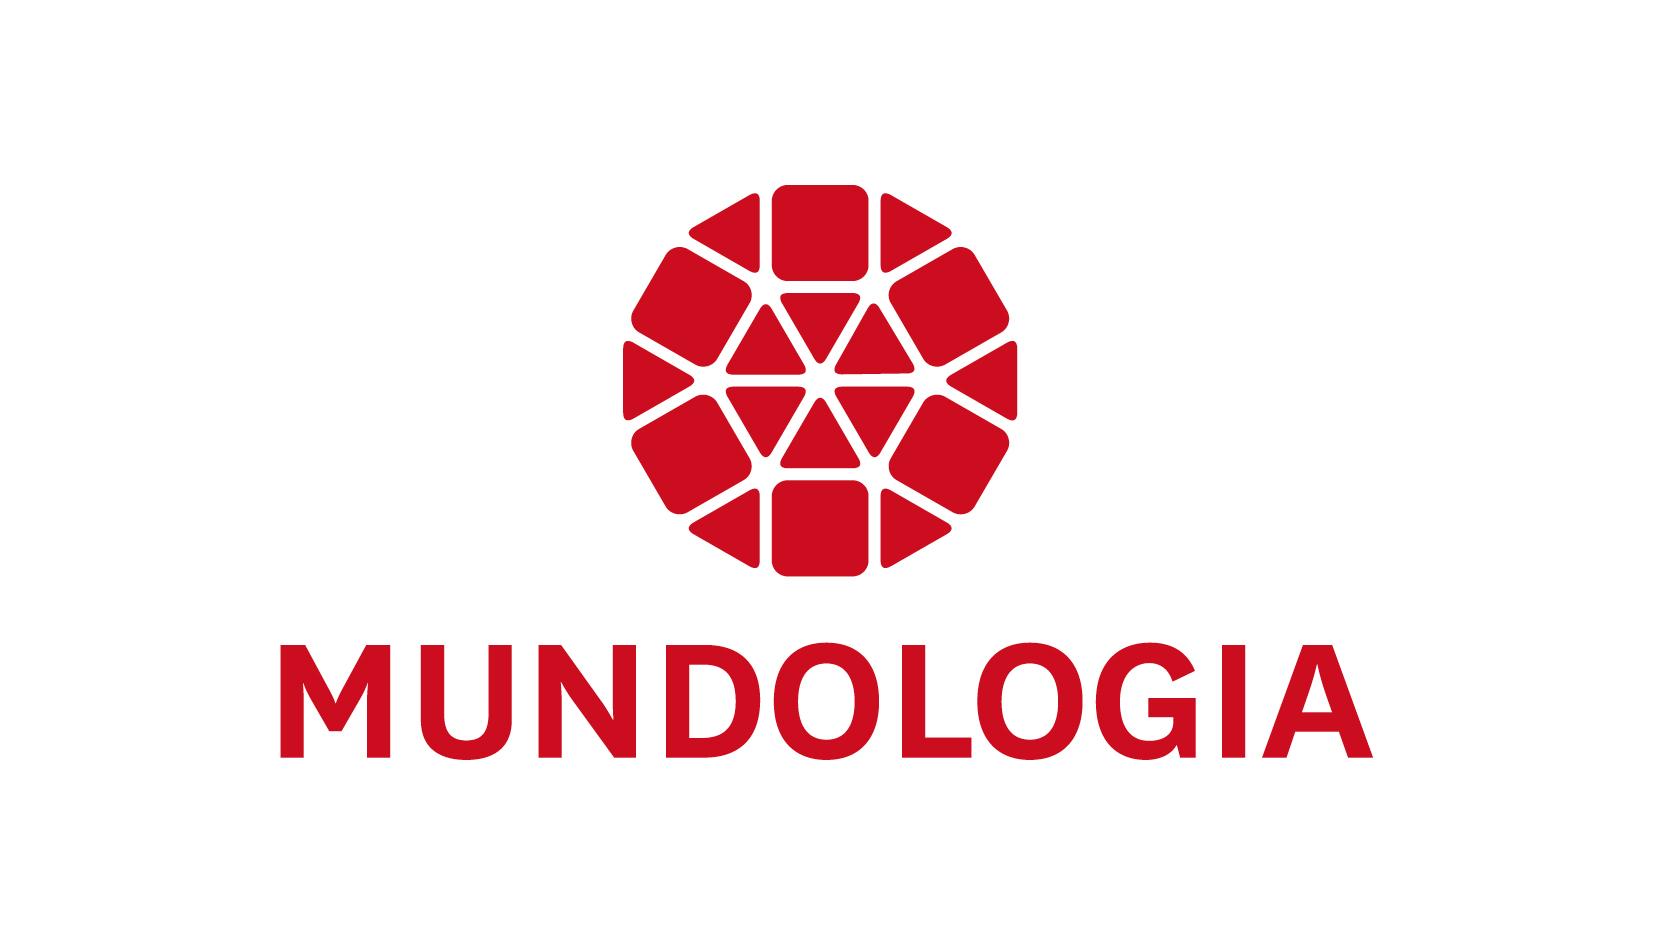 logo_mundologia4.jpg